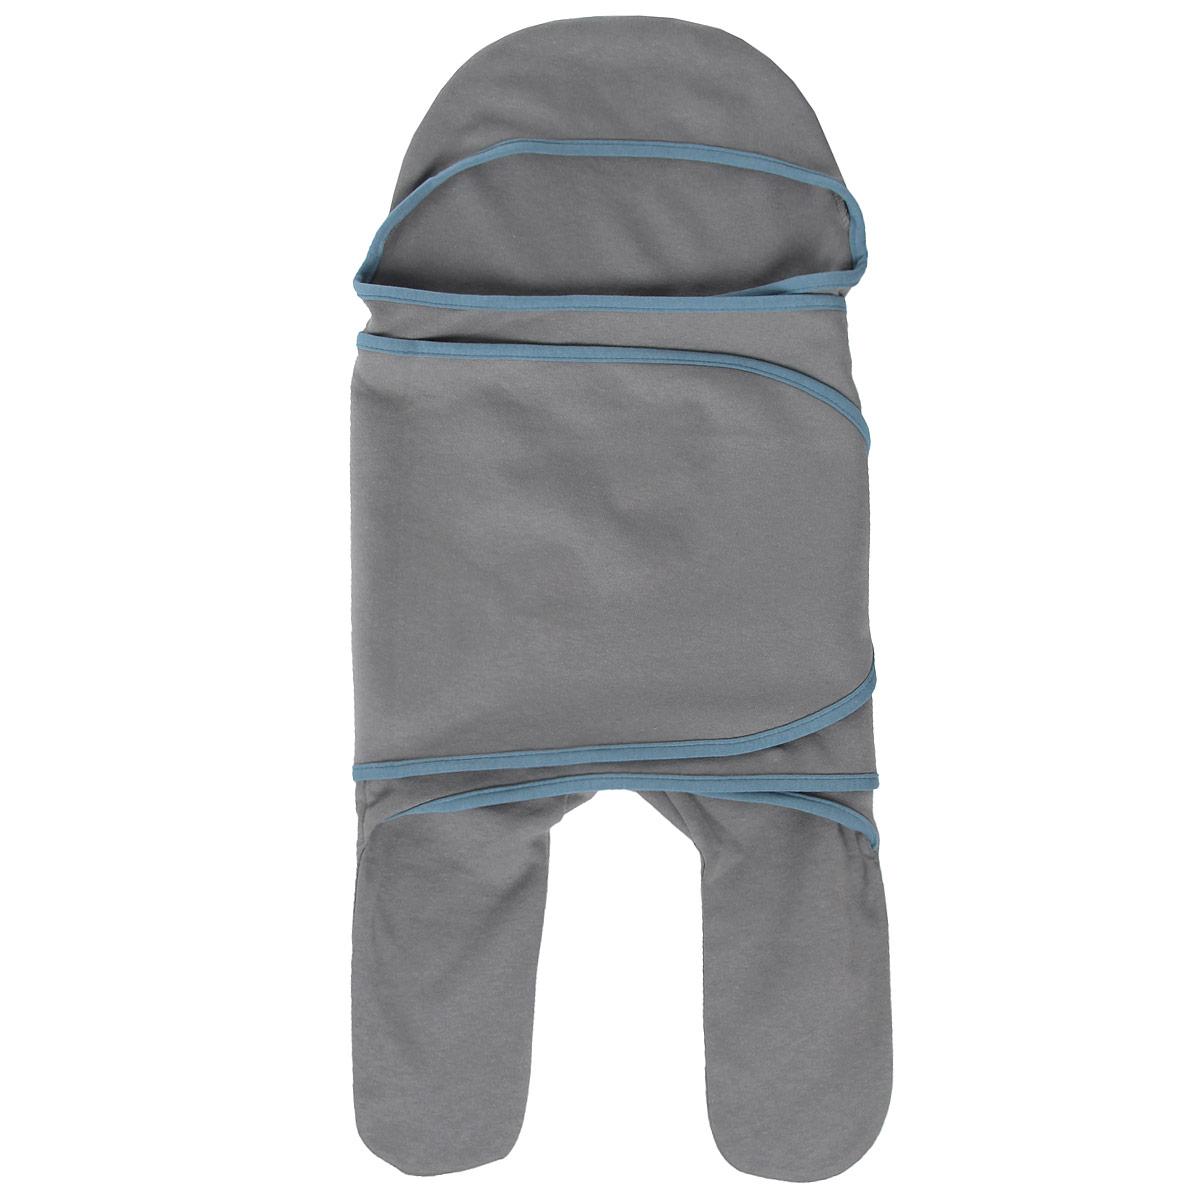 Комбинезон домашний9542Удобный легкий комбинезон-конверт Mums Era Муссон послужит идеальным дополнением к гардеробу младенца. Комбинезон изготовлен из 100% хлопка, благодаря чему он необычайно мягкий и легкий, не раздражает нежную кожу ребенка и хорошо вентилируется, а эластичные швы приятны телу малыша и не препятствуют его движениям. Благодаря штанинам комбинезон удобен для поездок малыша в автокресле или в люльке (где его нужно пристегнуть), а также для сна на прогулке, когда малышу нужно спеленать ручки, чтобы он сам себя не разбудил. Комбинезон-конверт - удобная и многофункциональная одежда для первых месяцев жизни вашего малыша. С этим комбинезоном спинка и ножки малыша всегда будут в тепле, в нем ваш ребенок всегда будет в центре внимания!